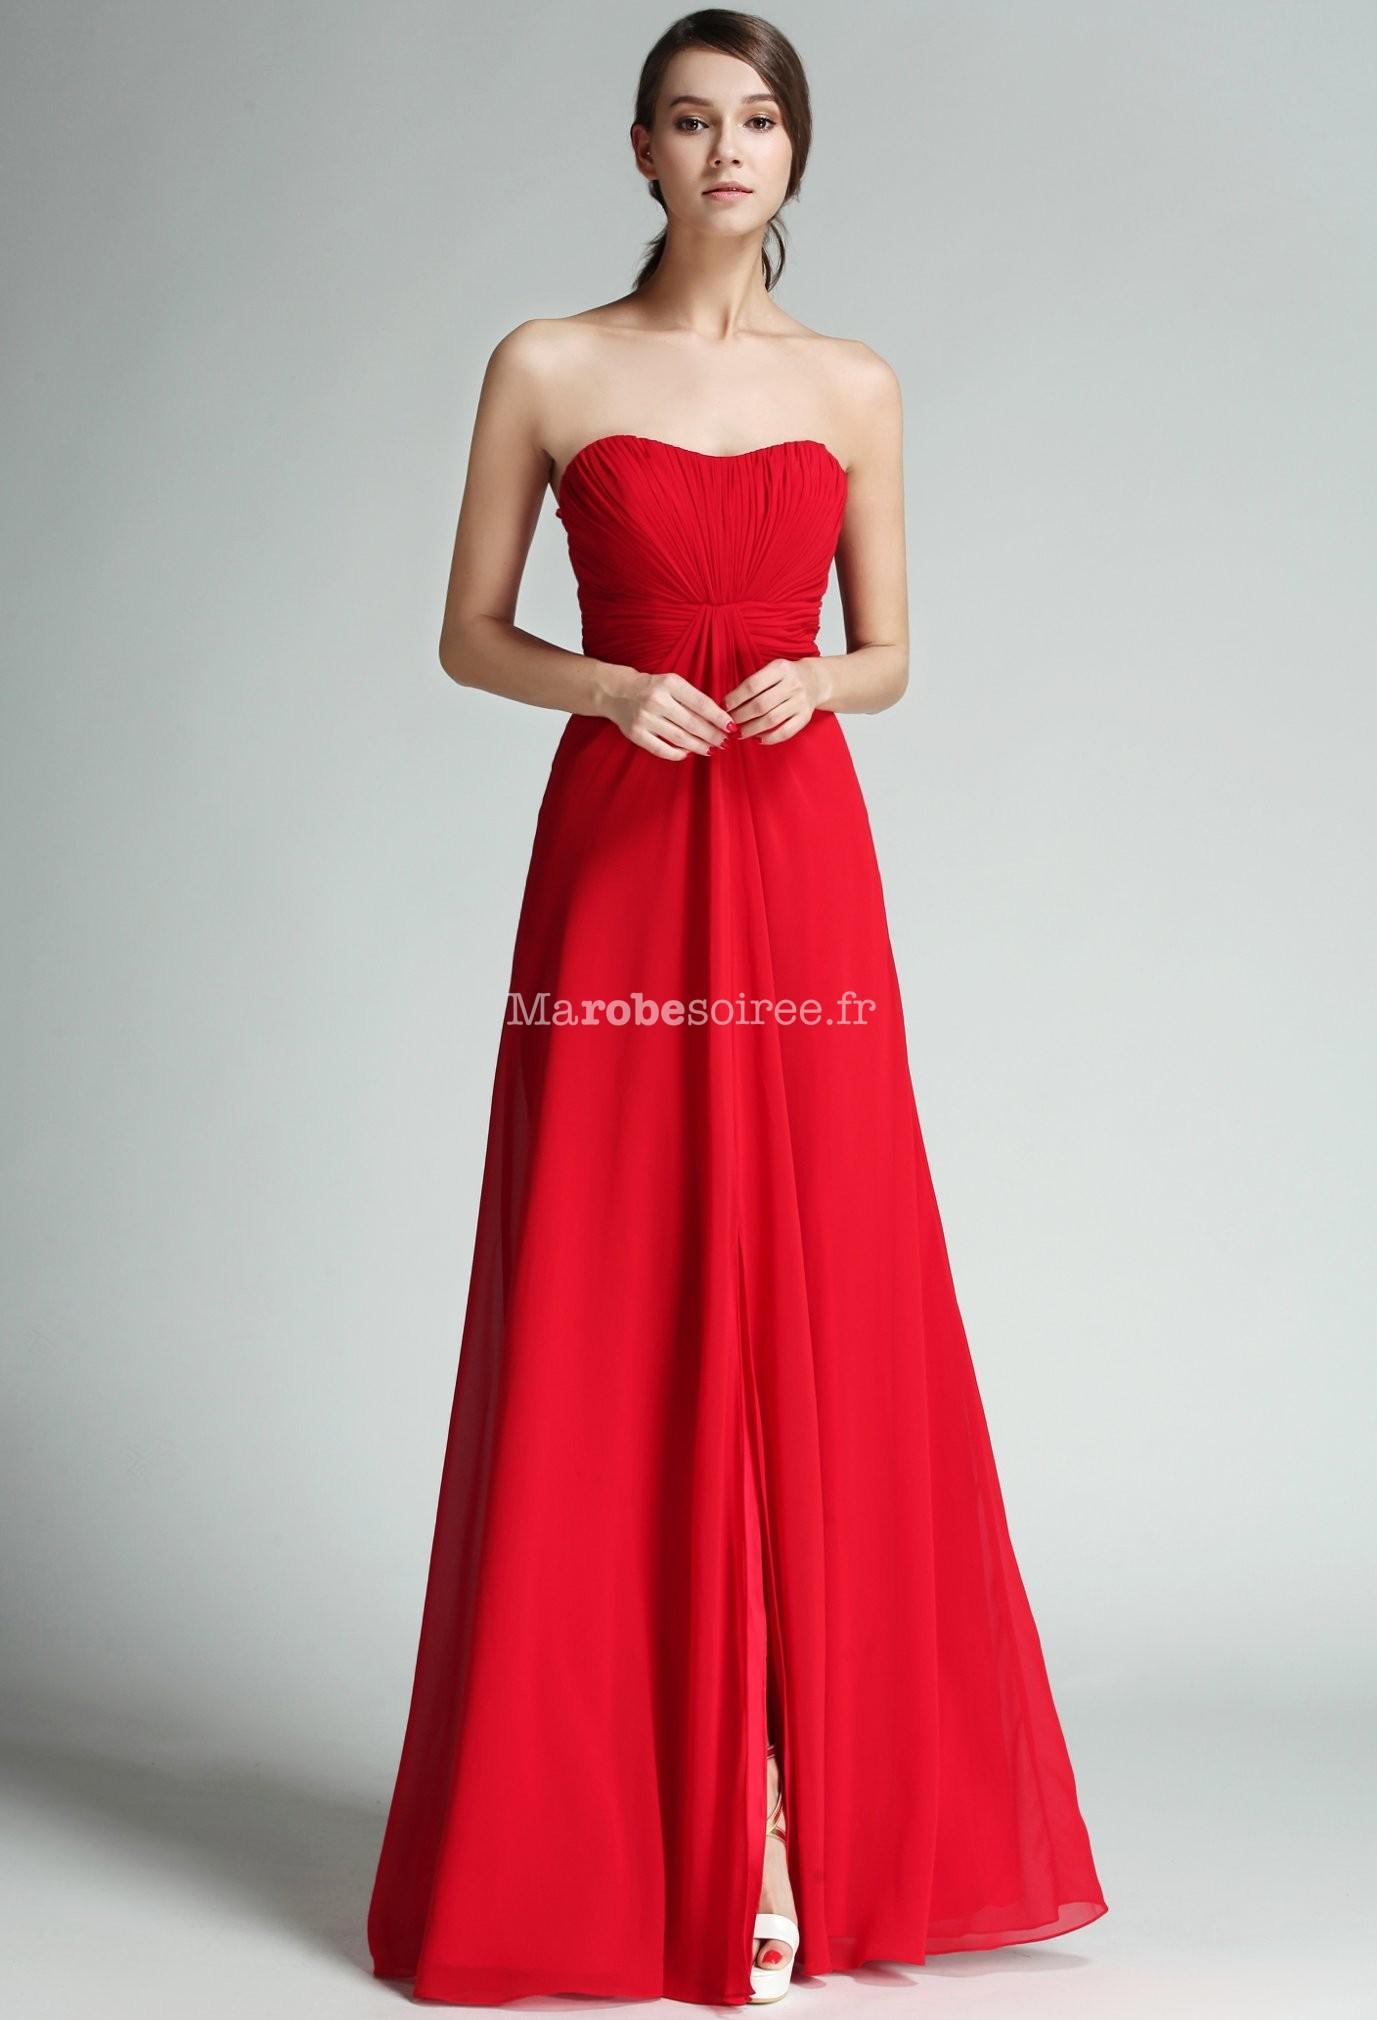 robe longue de mariage mousseline rouge. Black Bedroom Furniture Sets. Home Design Ideas